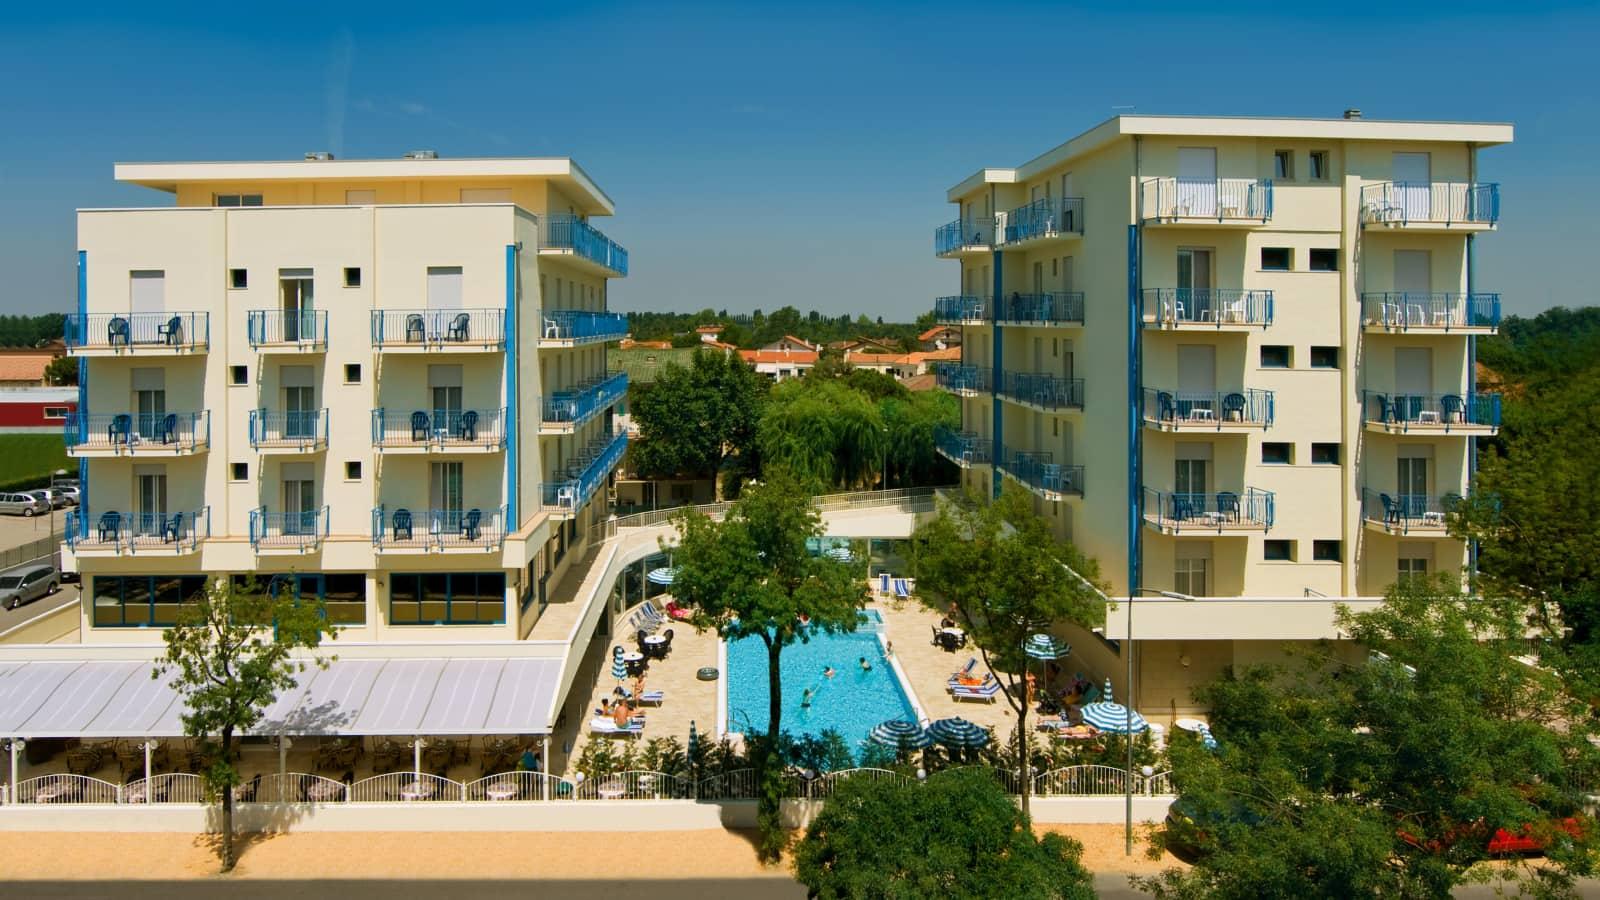 Hotel Miami, Lido di Jesolo, Venetian Riviera